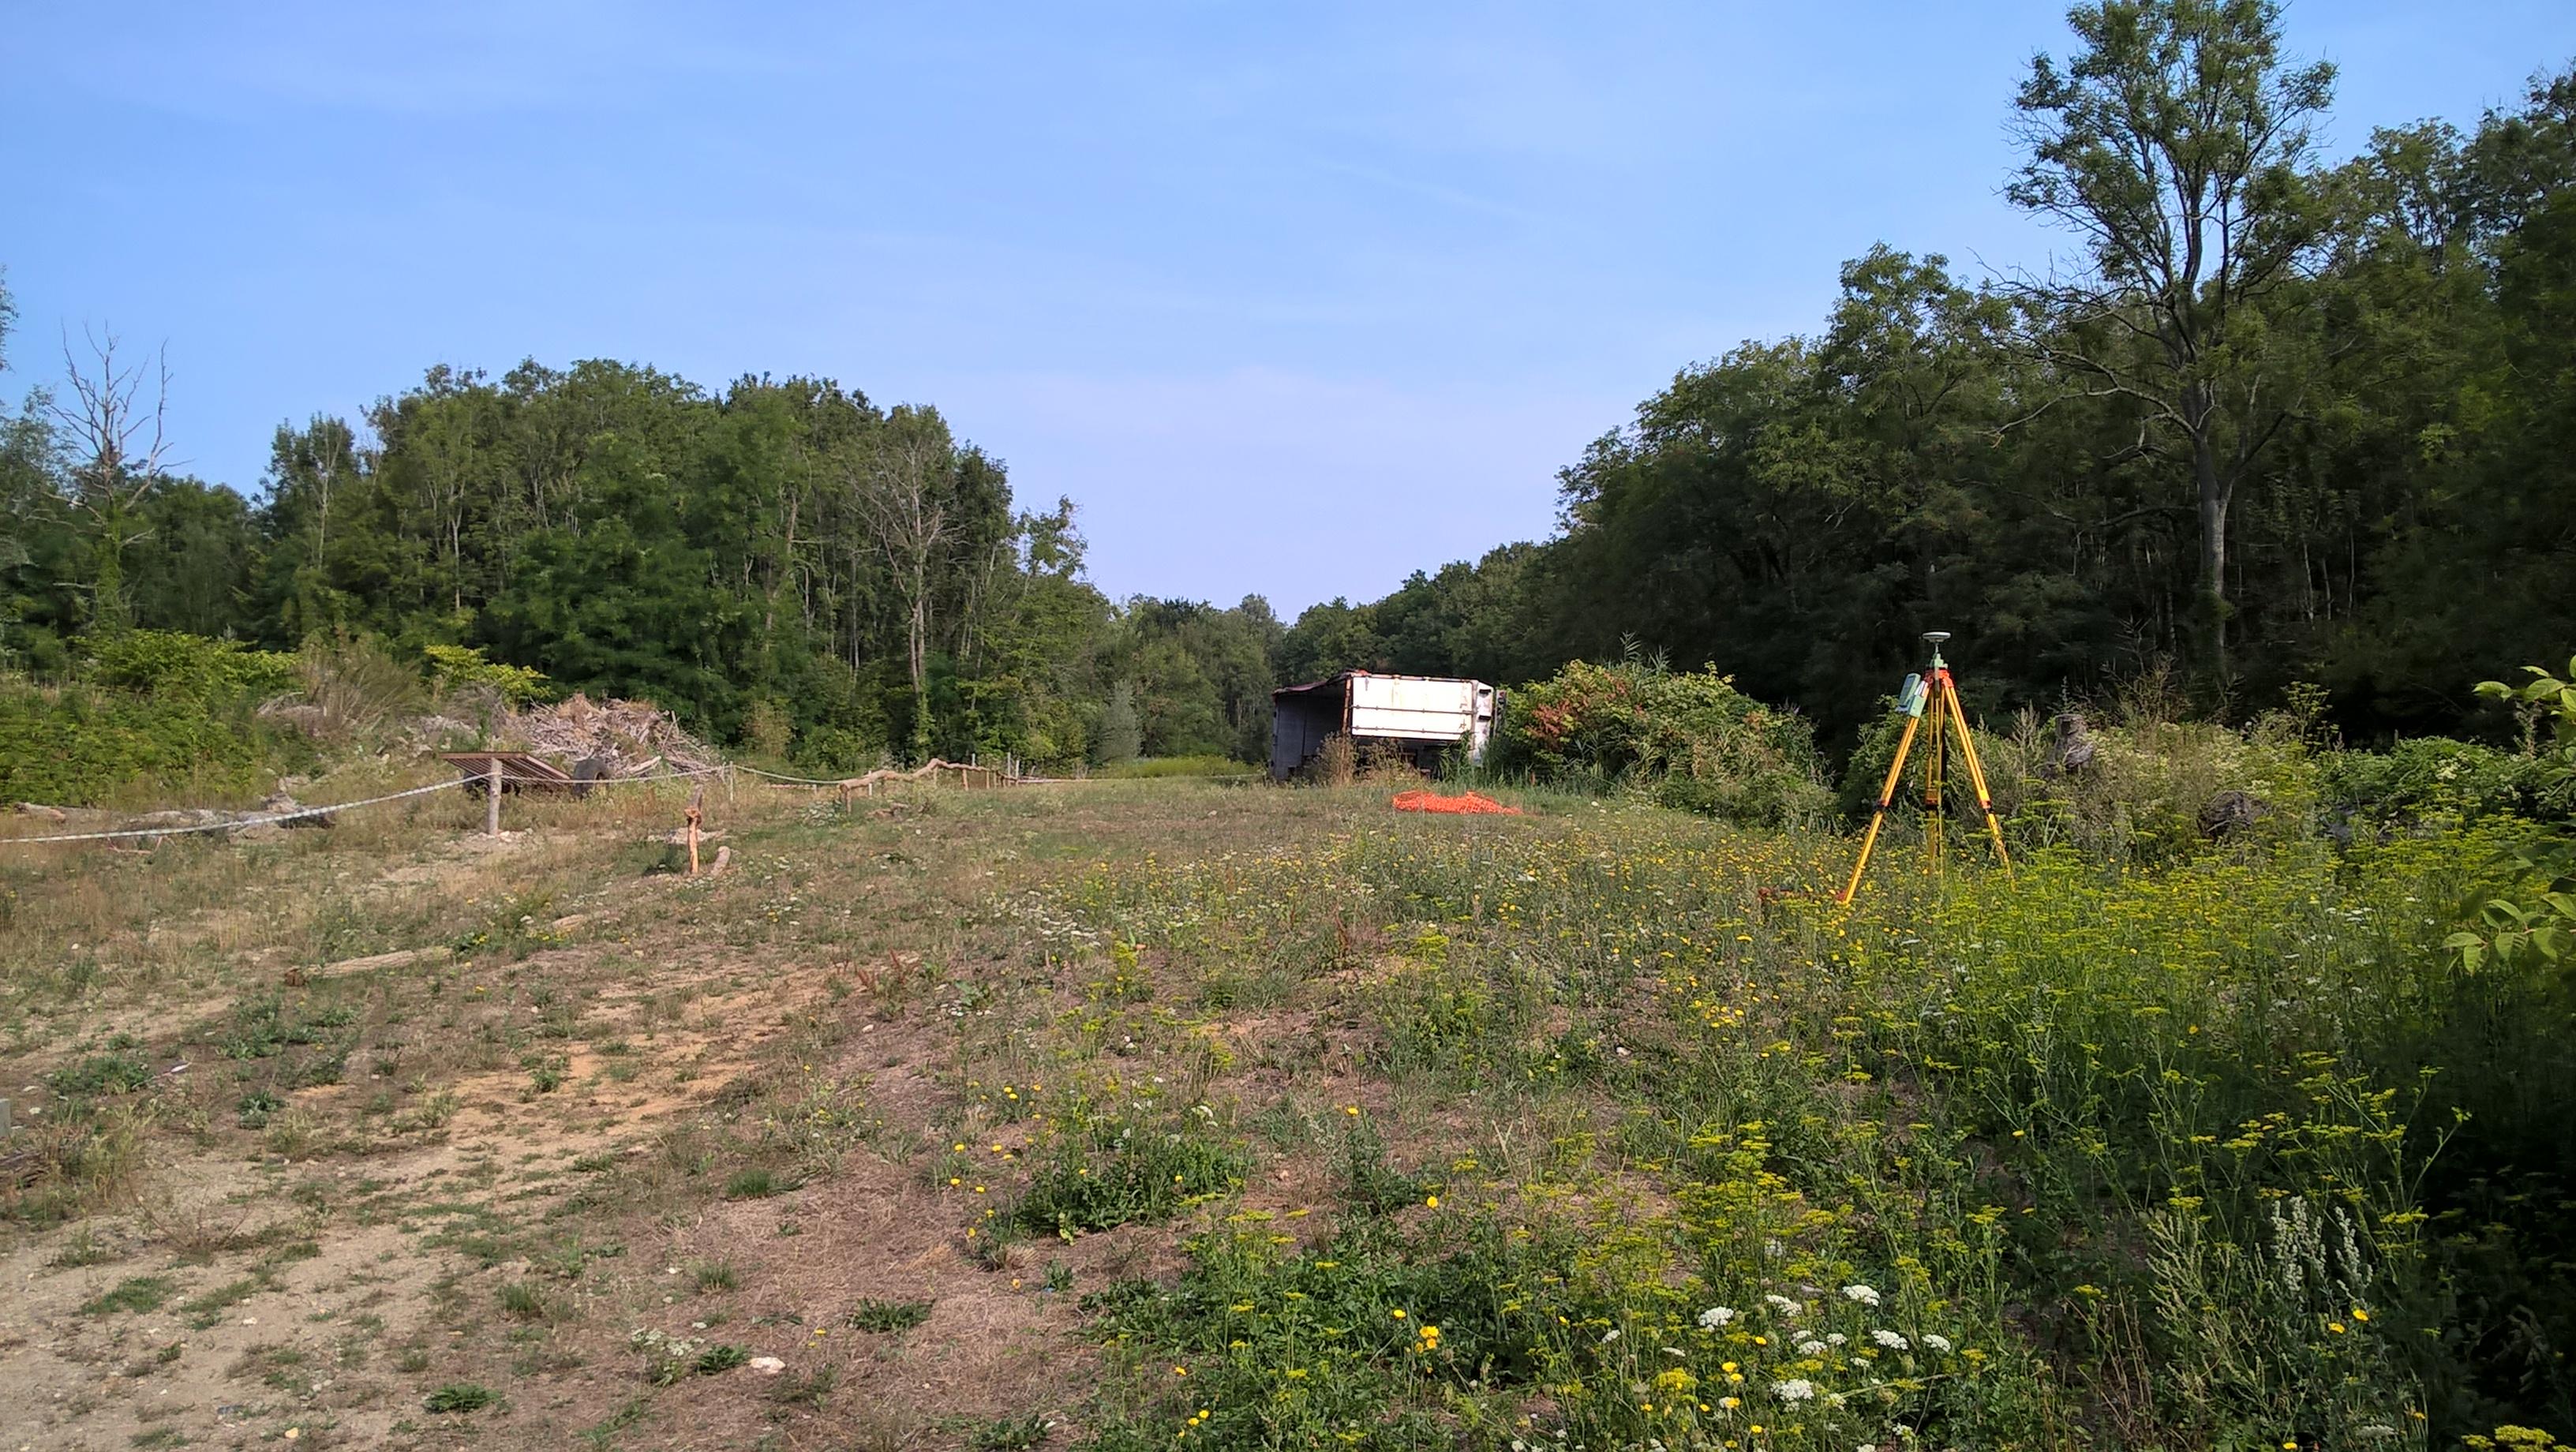 Caractérisation d'une ancienne décharge sur la commune d'Essômes sur Marne par méthode électromagnétique EM31